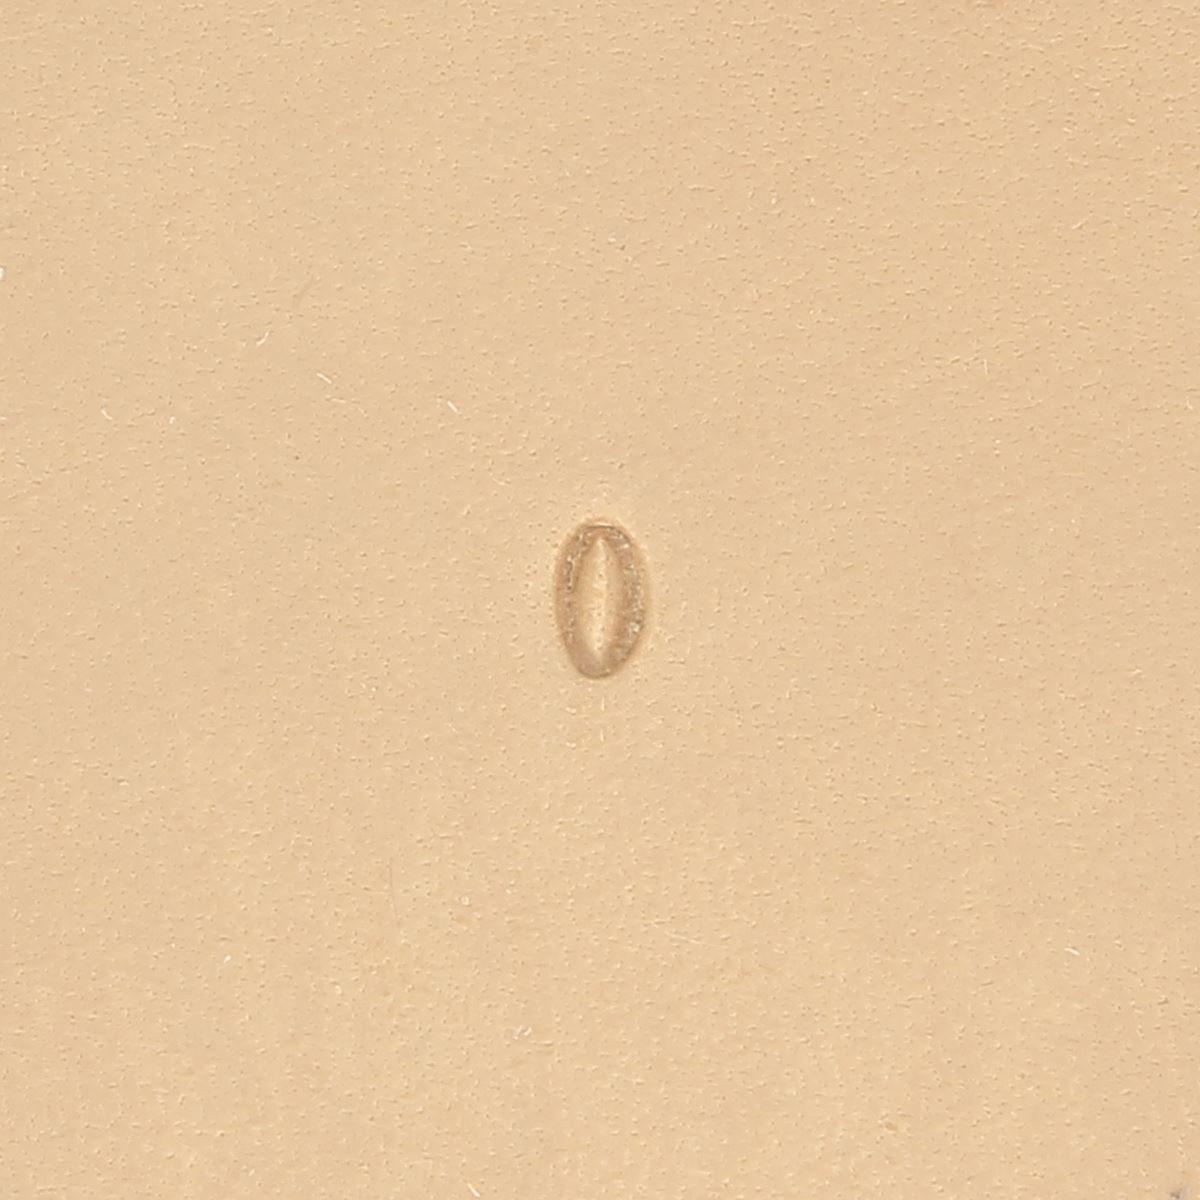 Matoir sur manche - Seeder graine ovale 5,5 mm - 6630 - S630